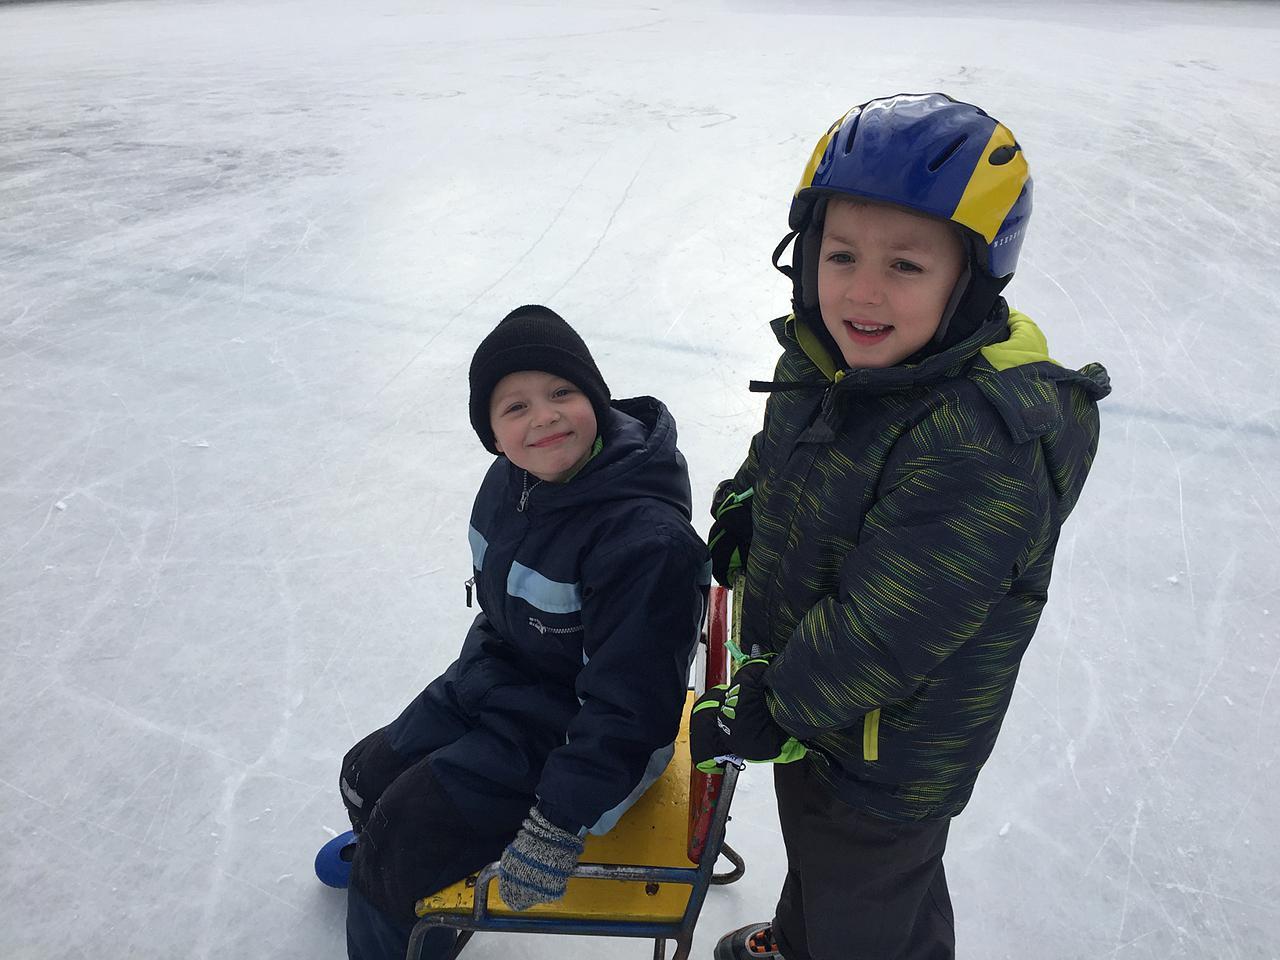 Volksschule Etzen auf dem Eis 2017